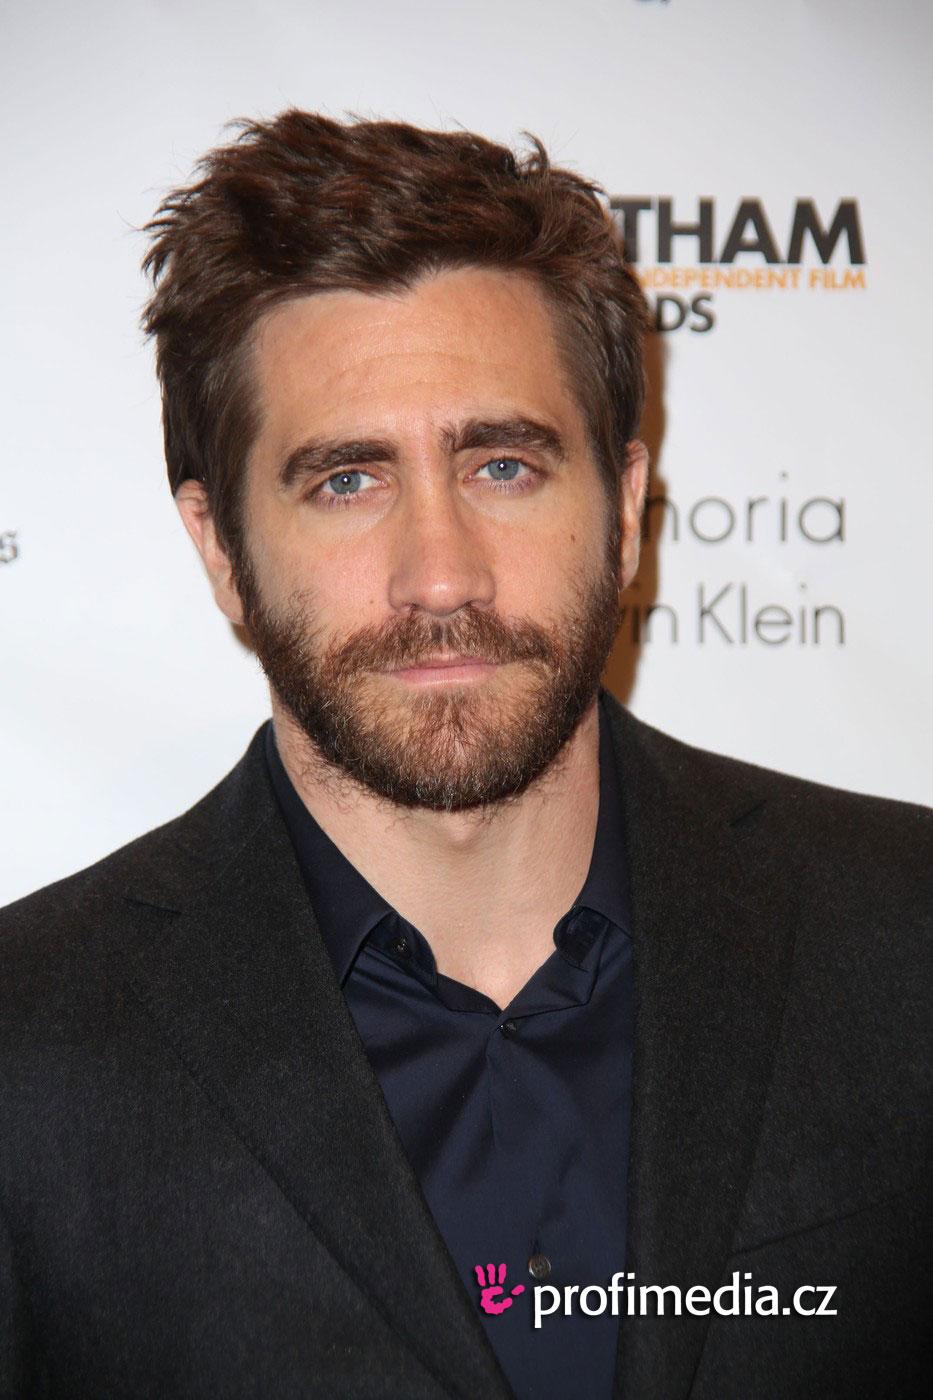 Jake Gyllenhaal - - hairstyle - easyHairStyler Jake Gyllenhaal's